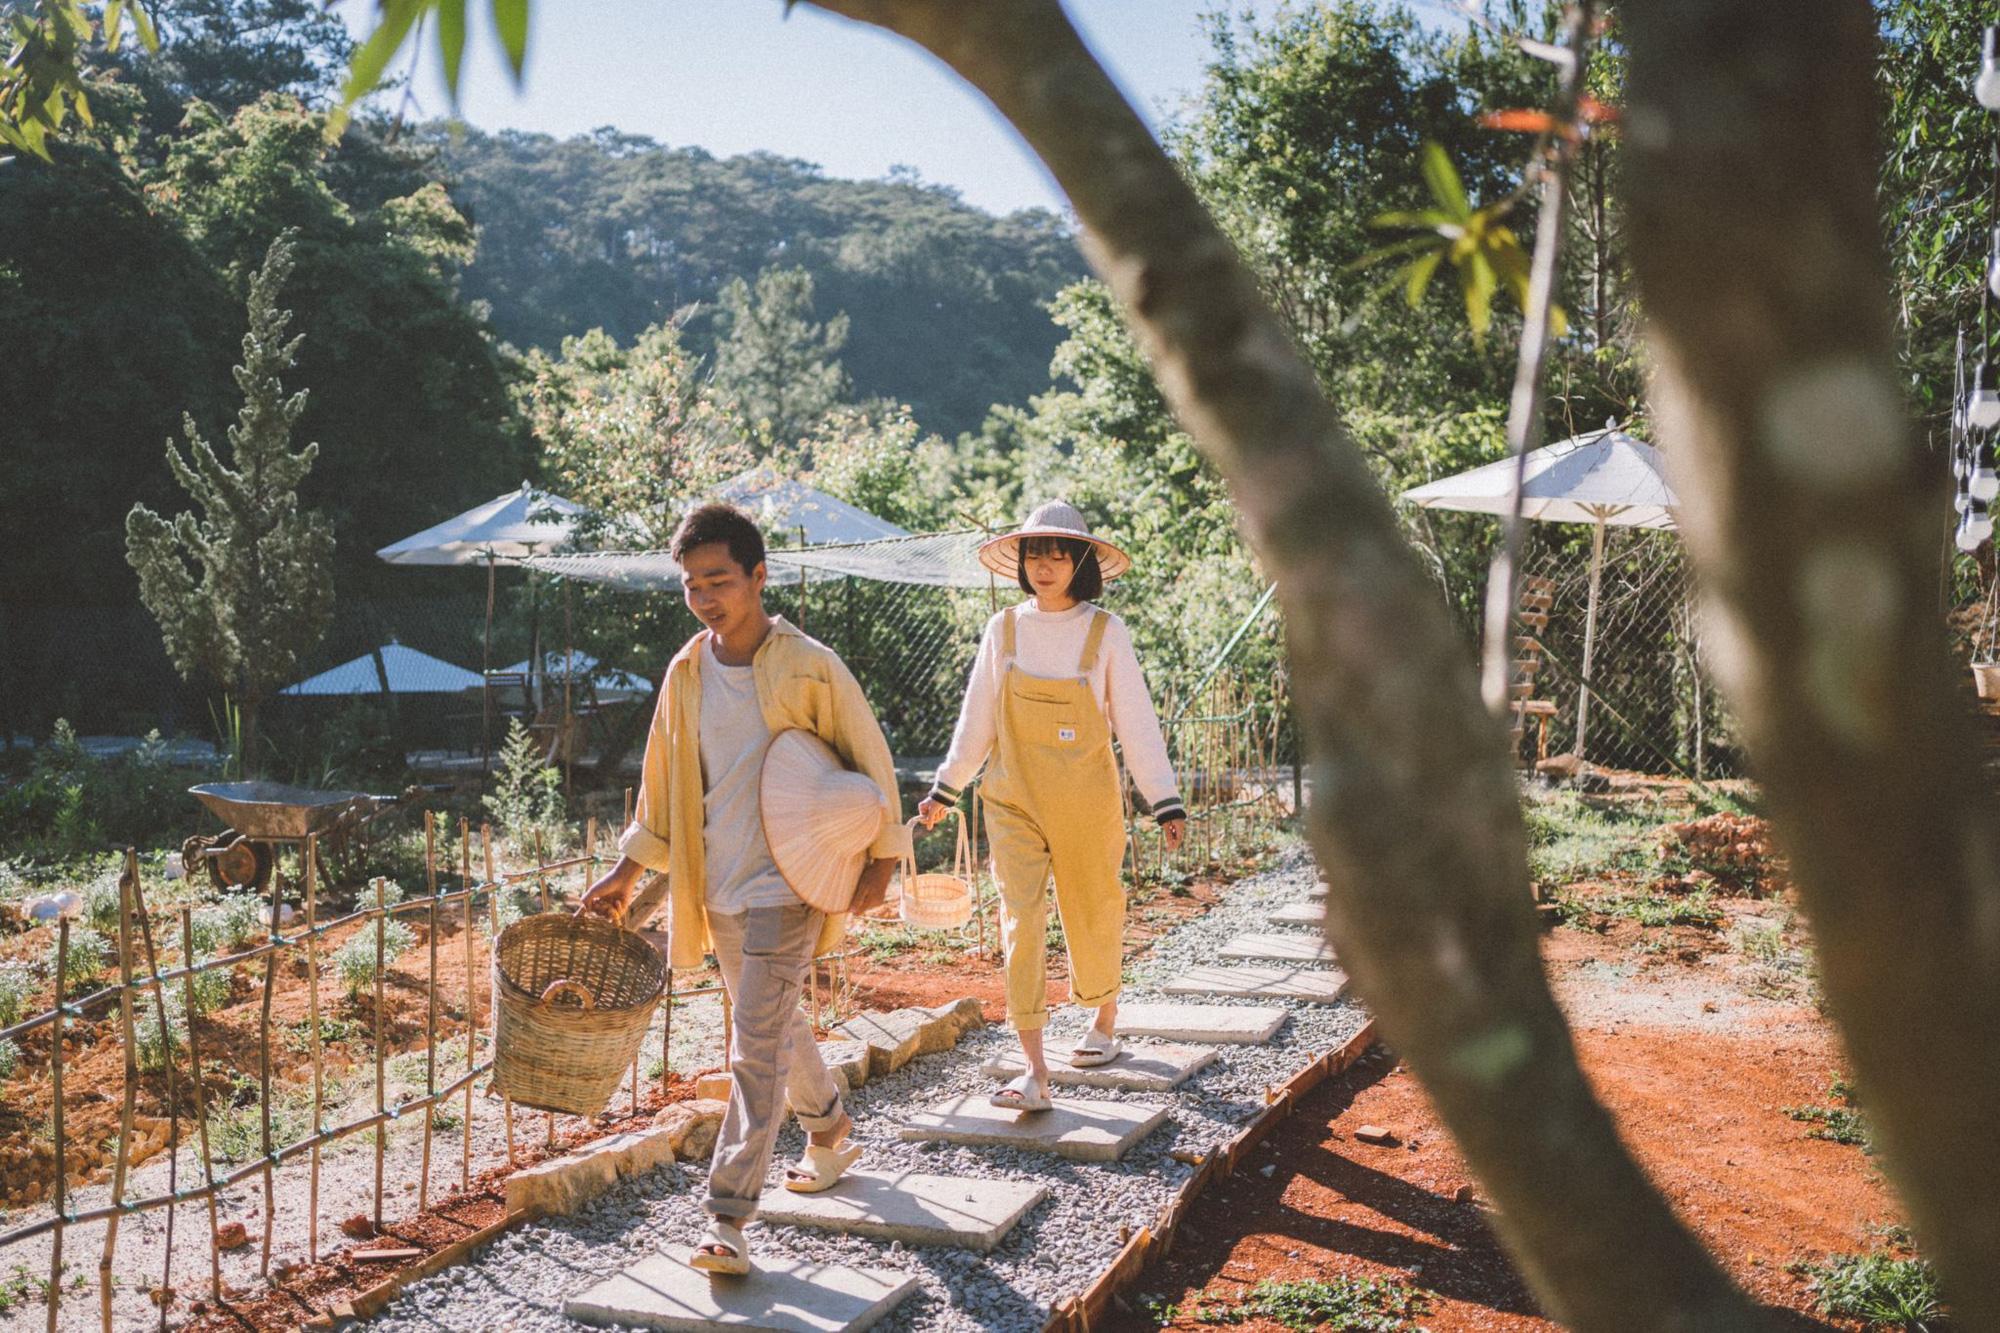 Giấc mơ về Đà Lạt của cặp đôi 9x và khu vườn cún bên bờ suối mộng mơ - Ảnh 3.